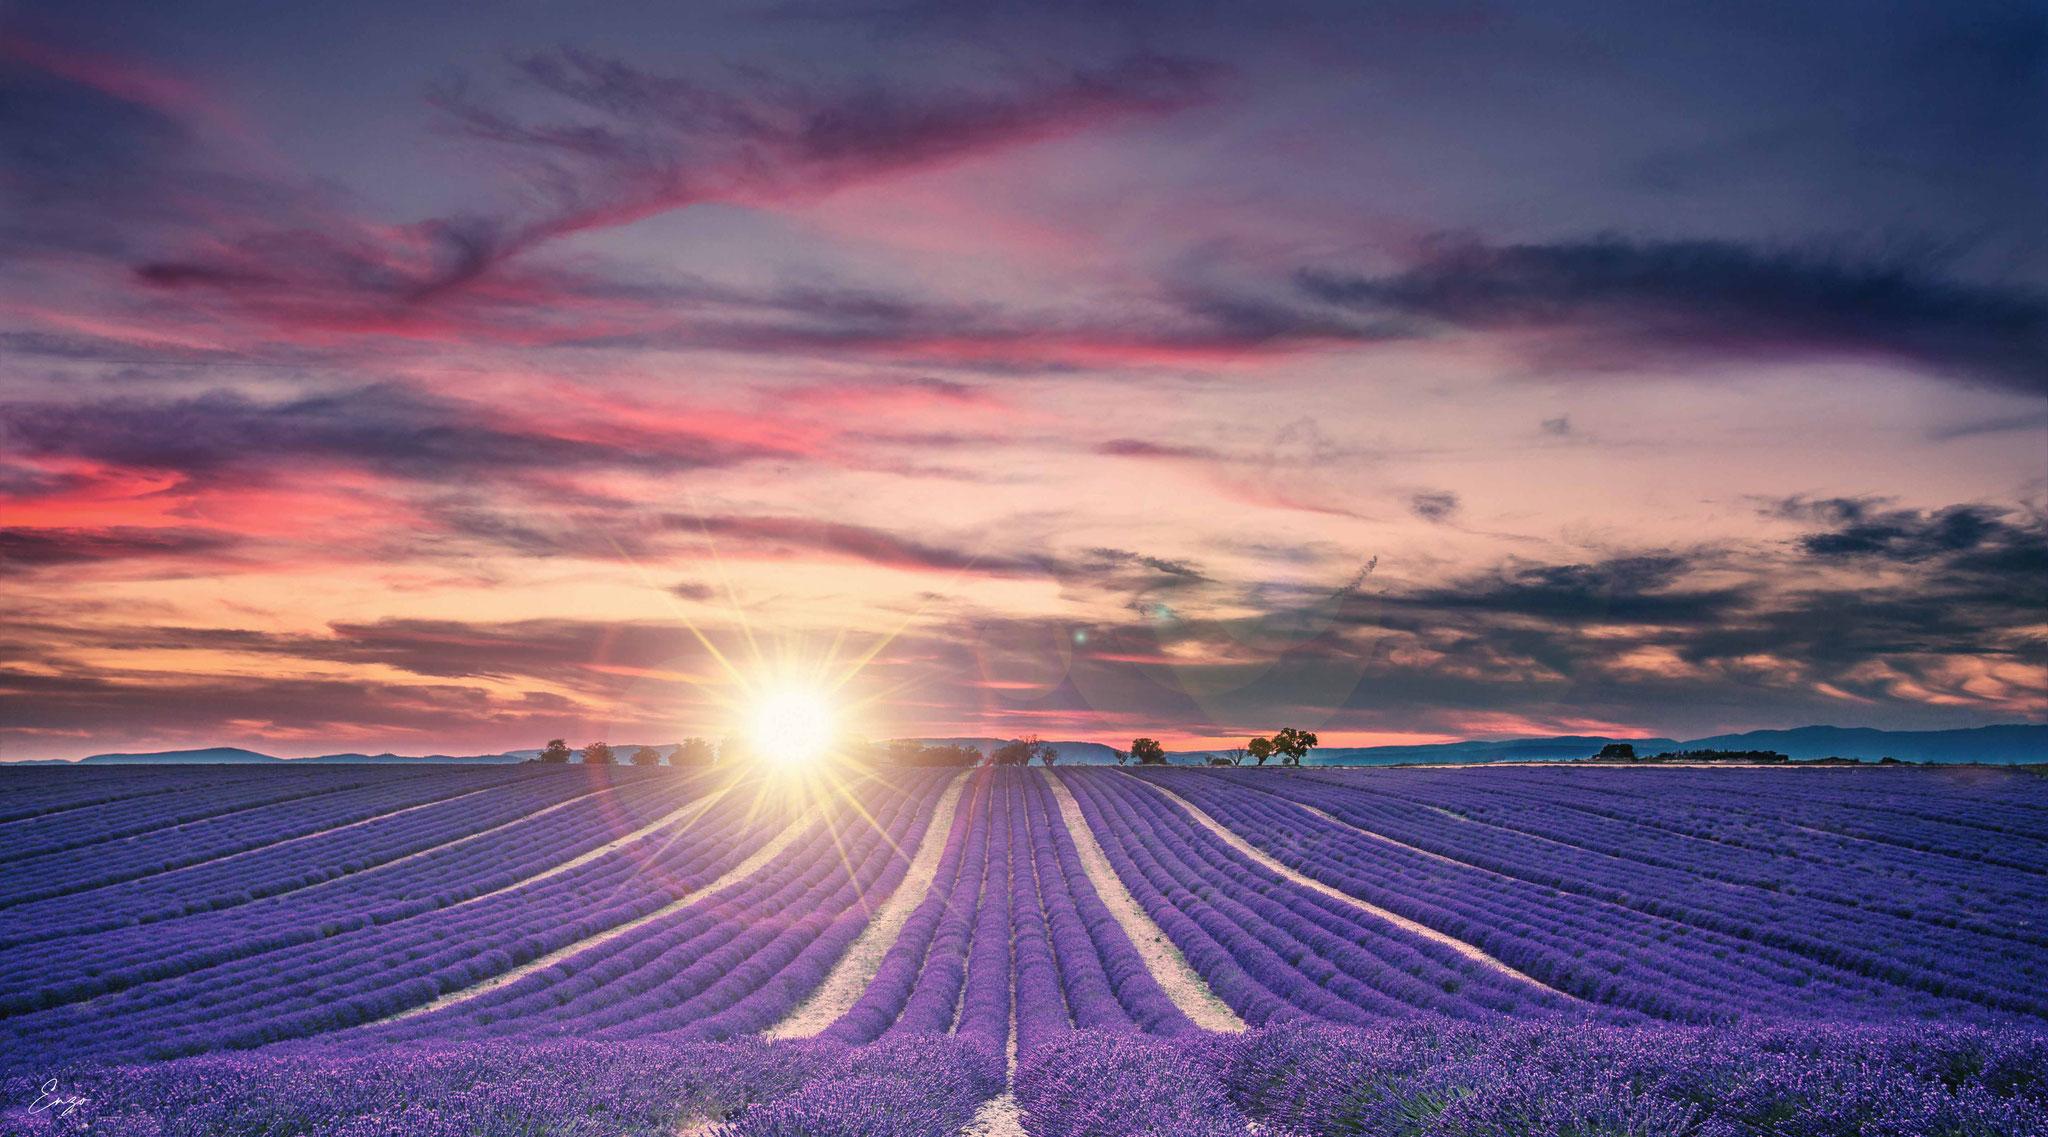 Coucher de soleil dans un champ de lavande à Valensole - Stage photo - Aix en provence